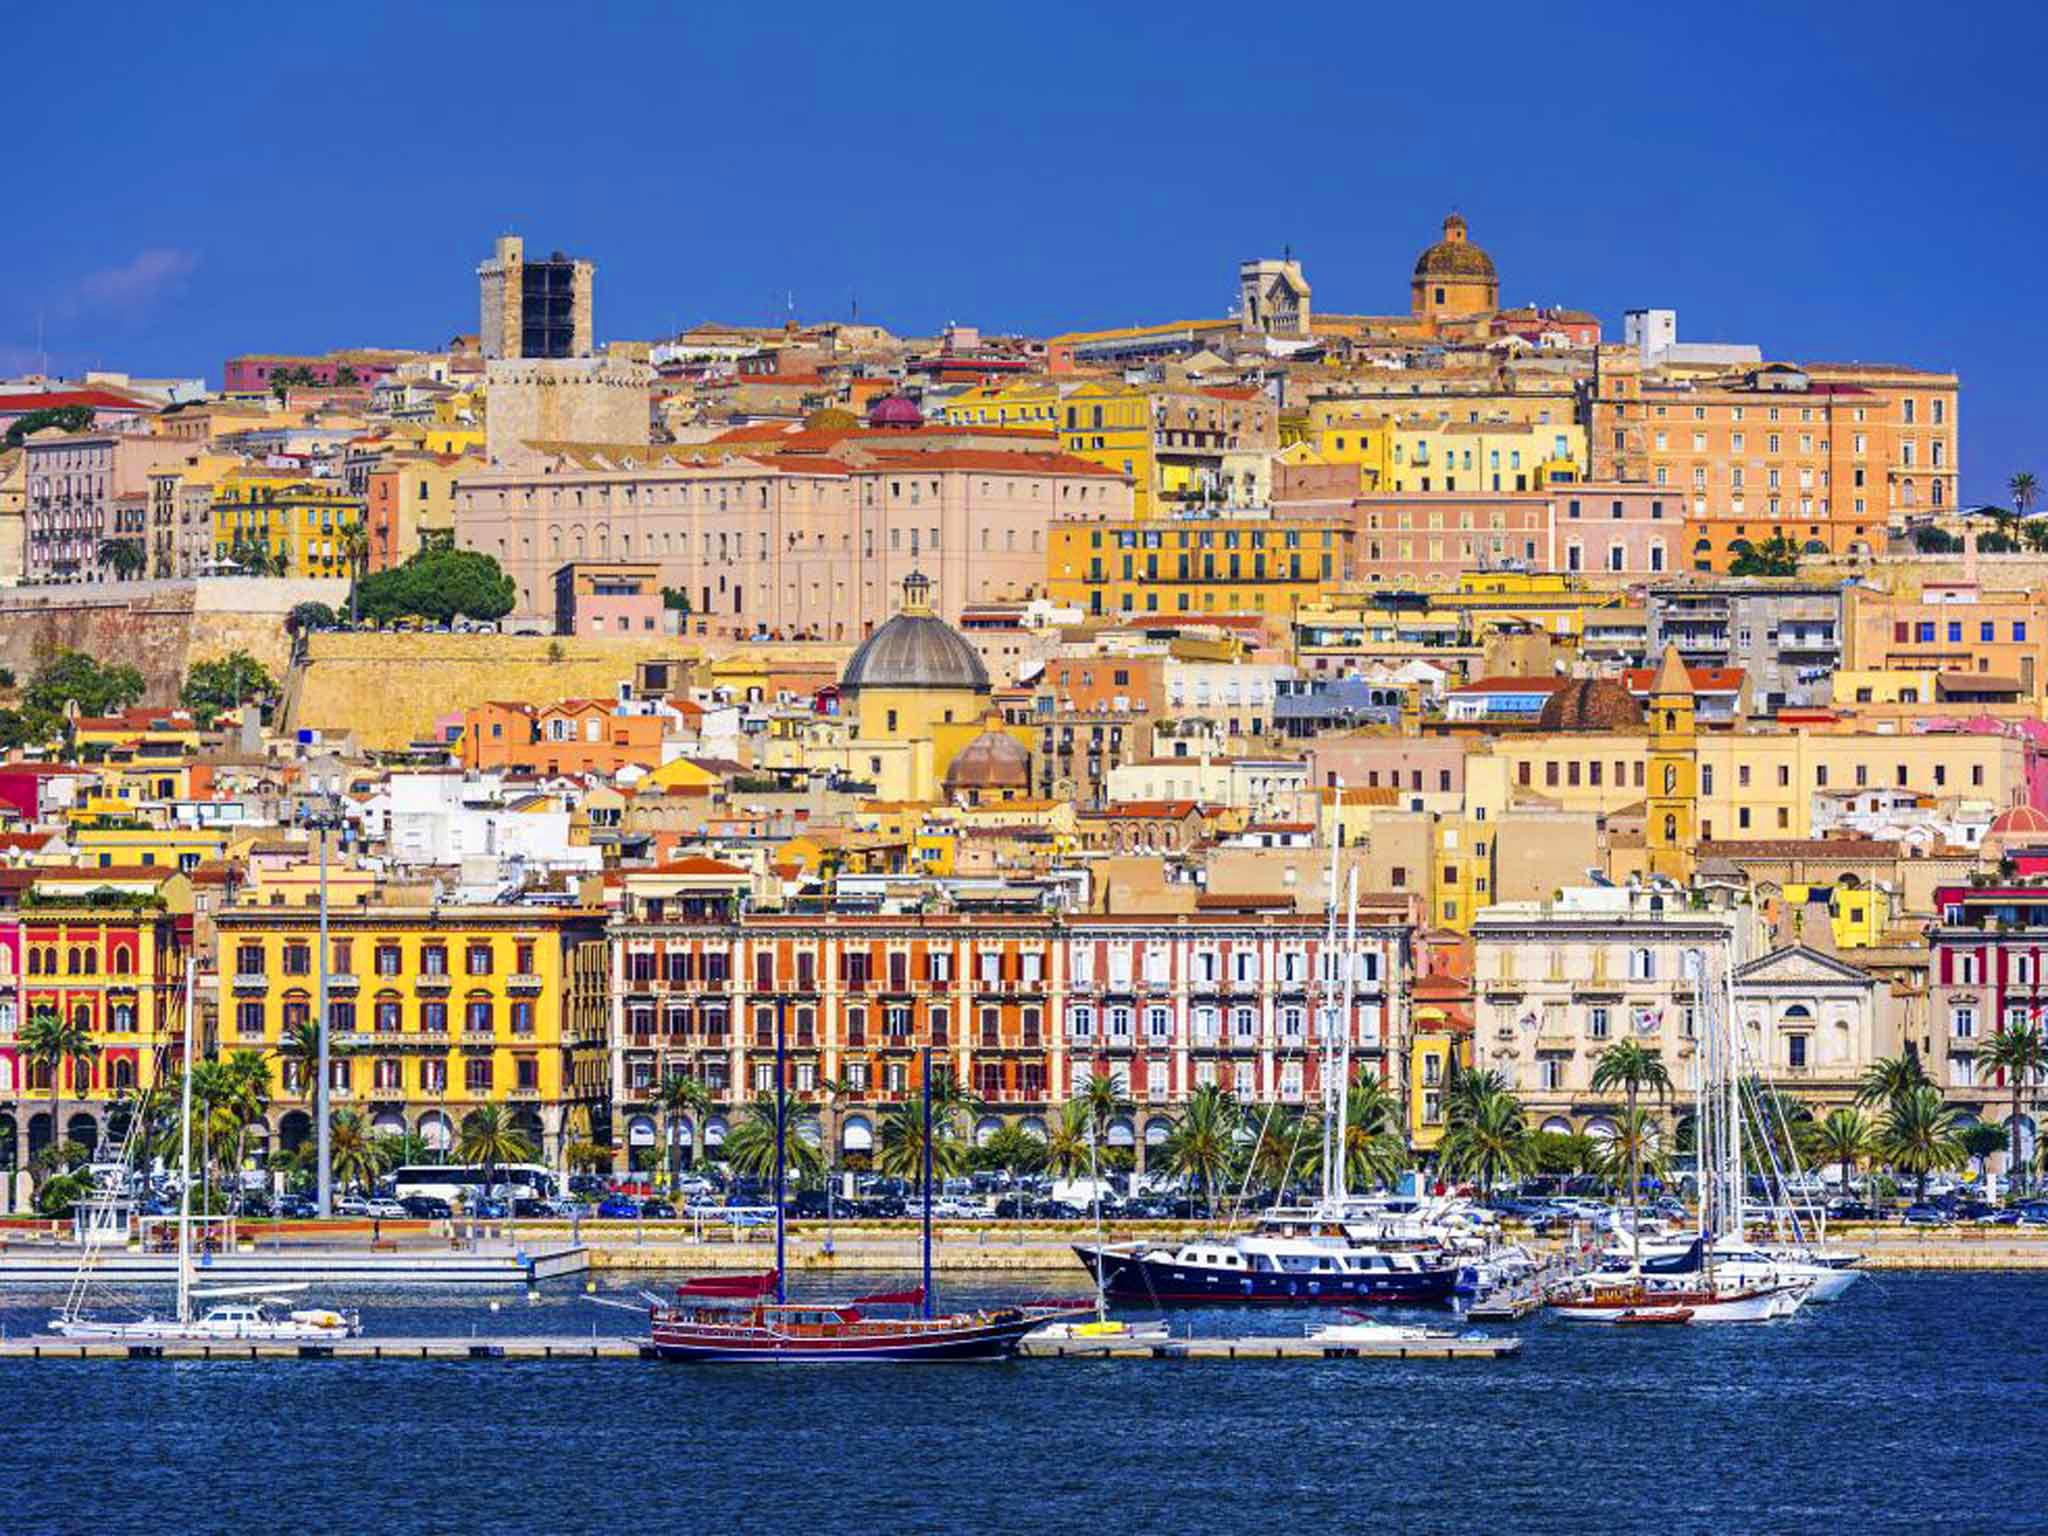 Cagliari le 10 cose pi importanti da fare e vedere a - Le cose piu sporche da fare a letto ...